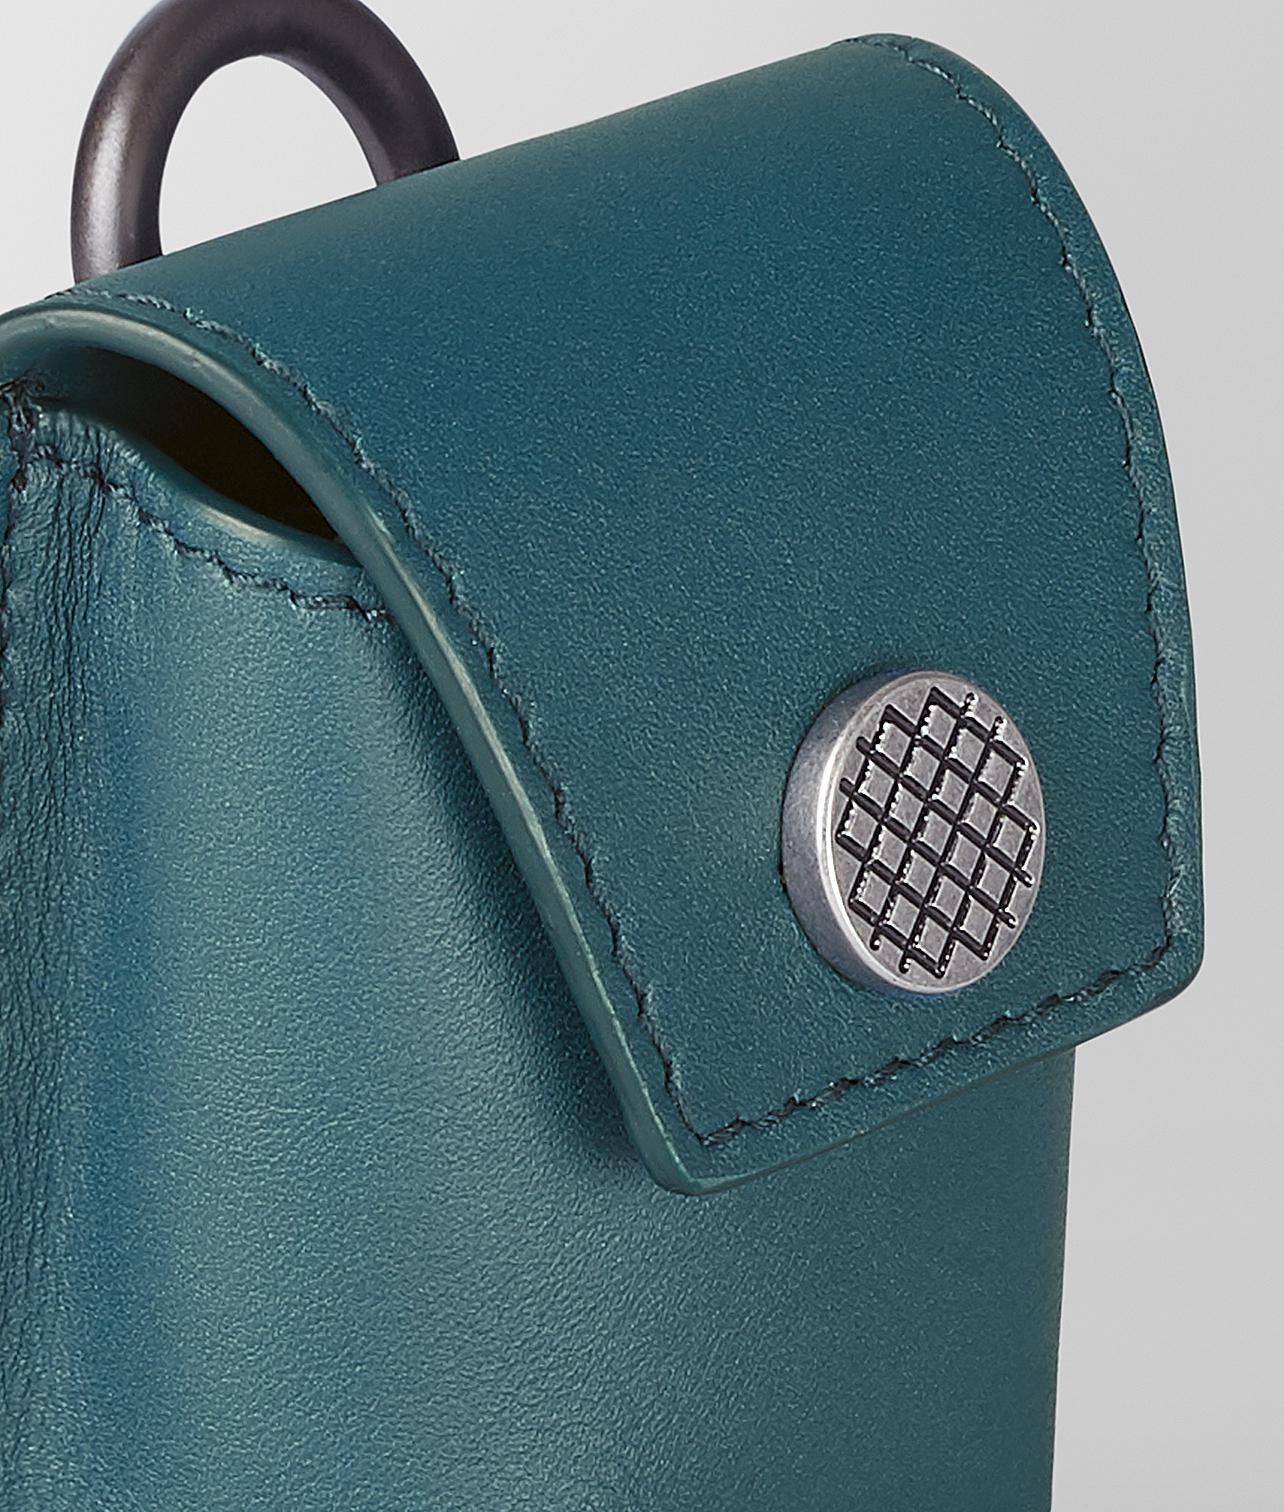 77cff17024c5 Lyst - Bottega Veneta Wireless Earbud Case In Intrecciato Vn in Blue for Men